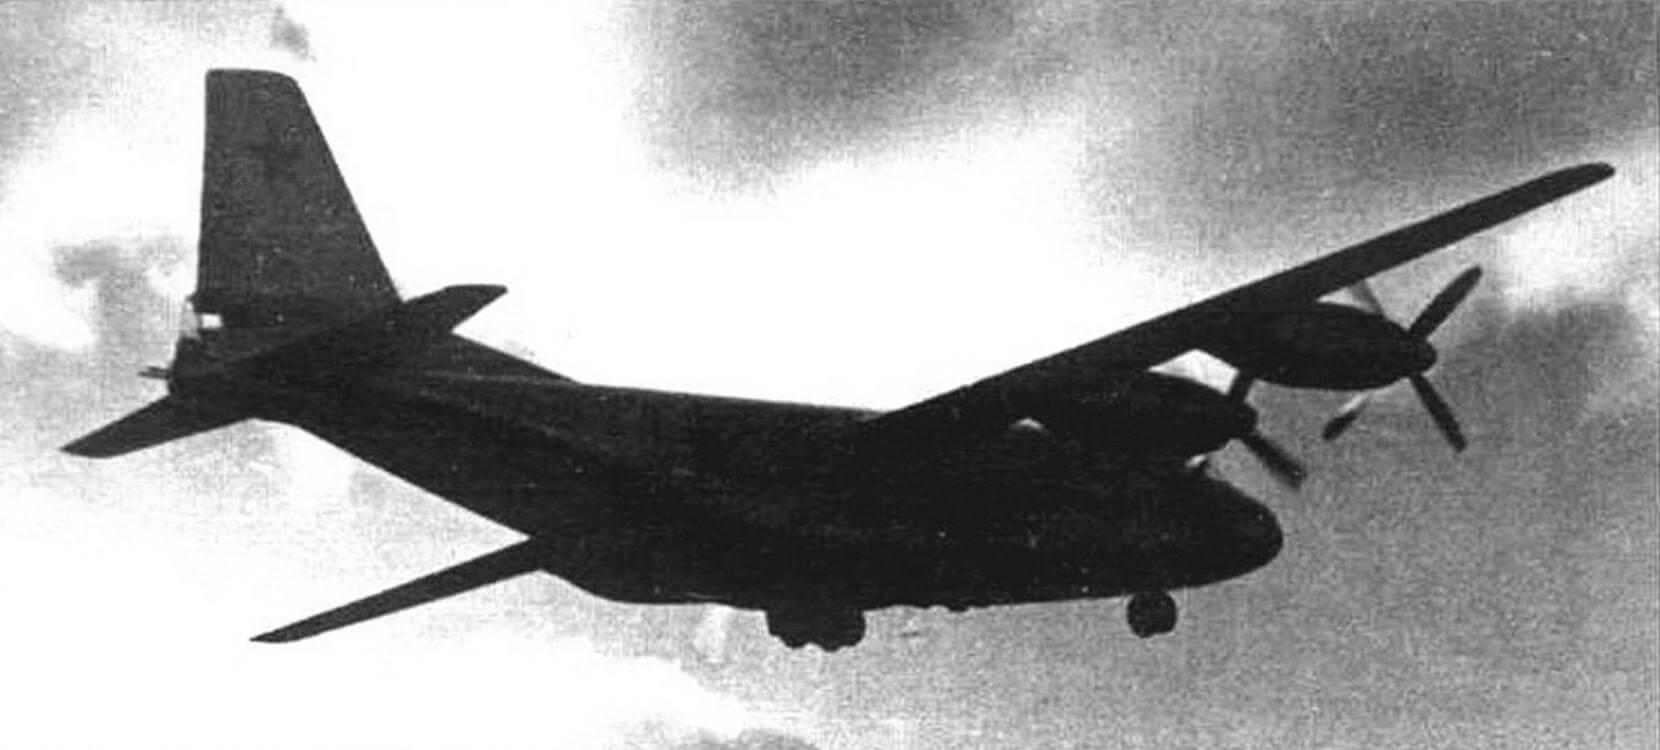 Модель четырехдвигательного варианта Ан-8